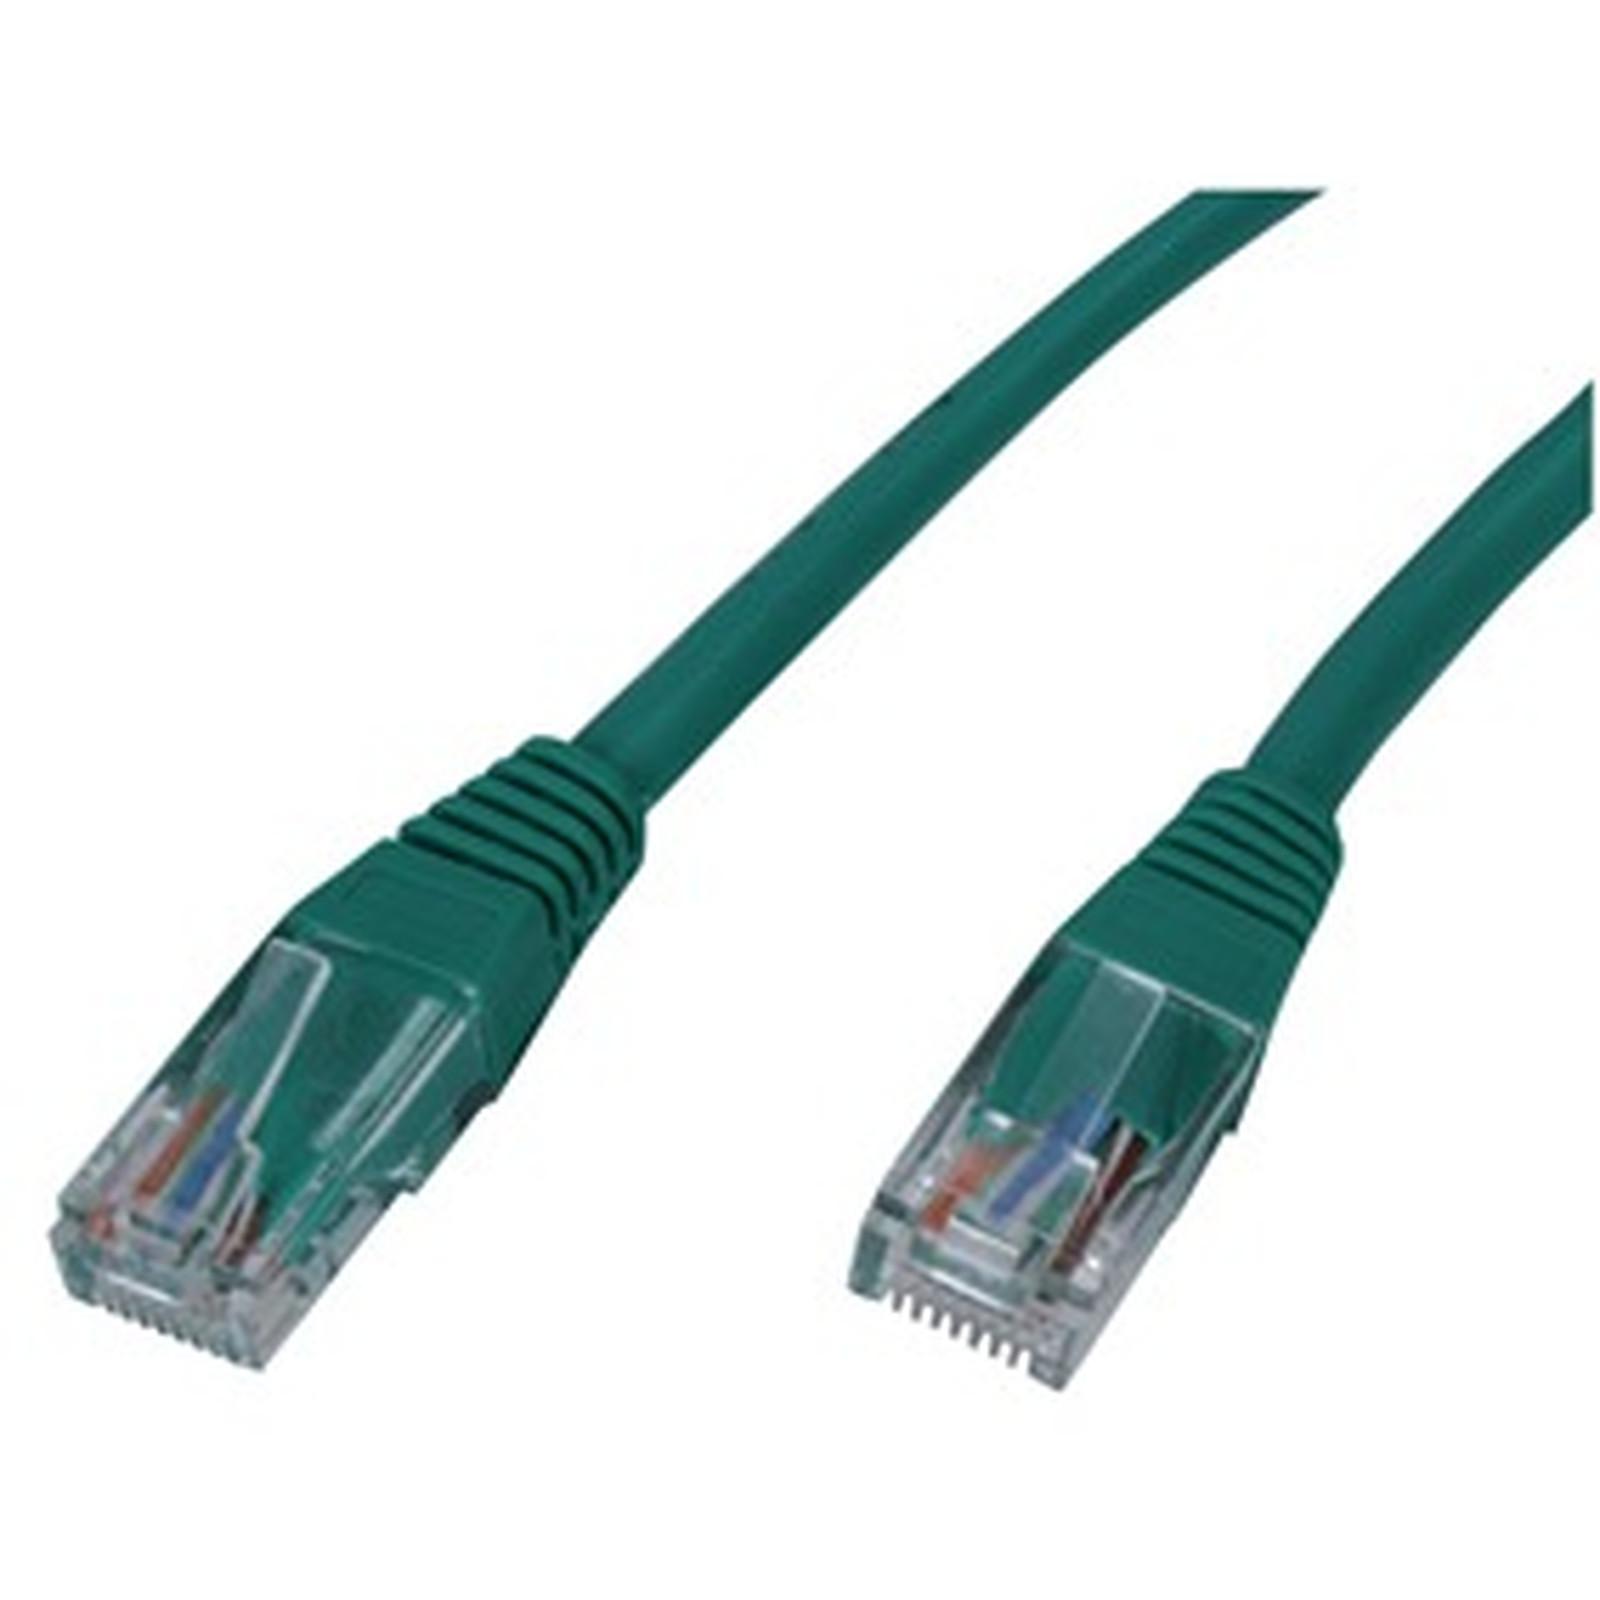 Cable RJ45 de categoría 5e U/UTP 2 m (verde)